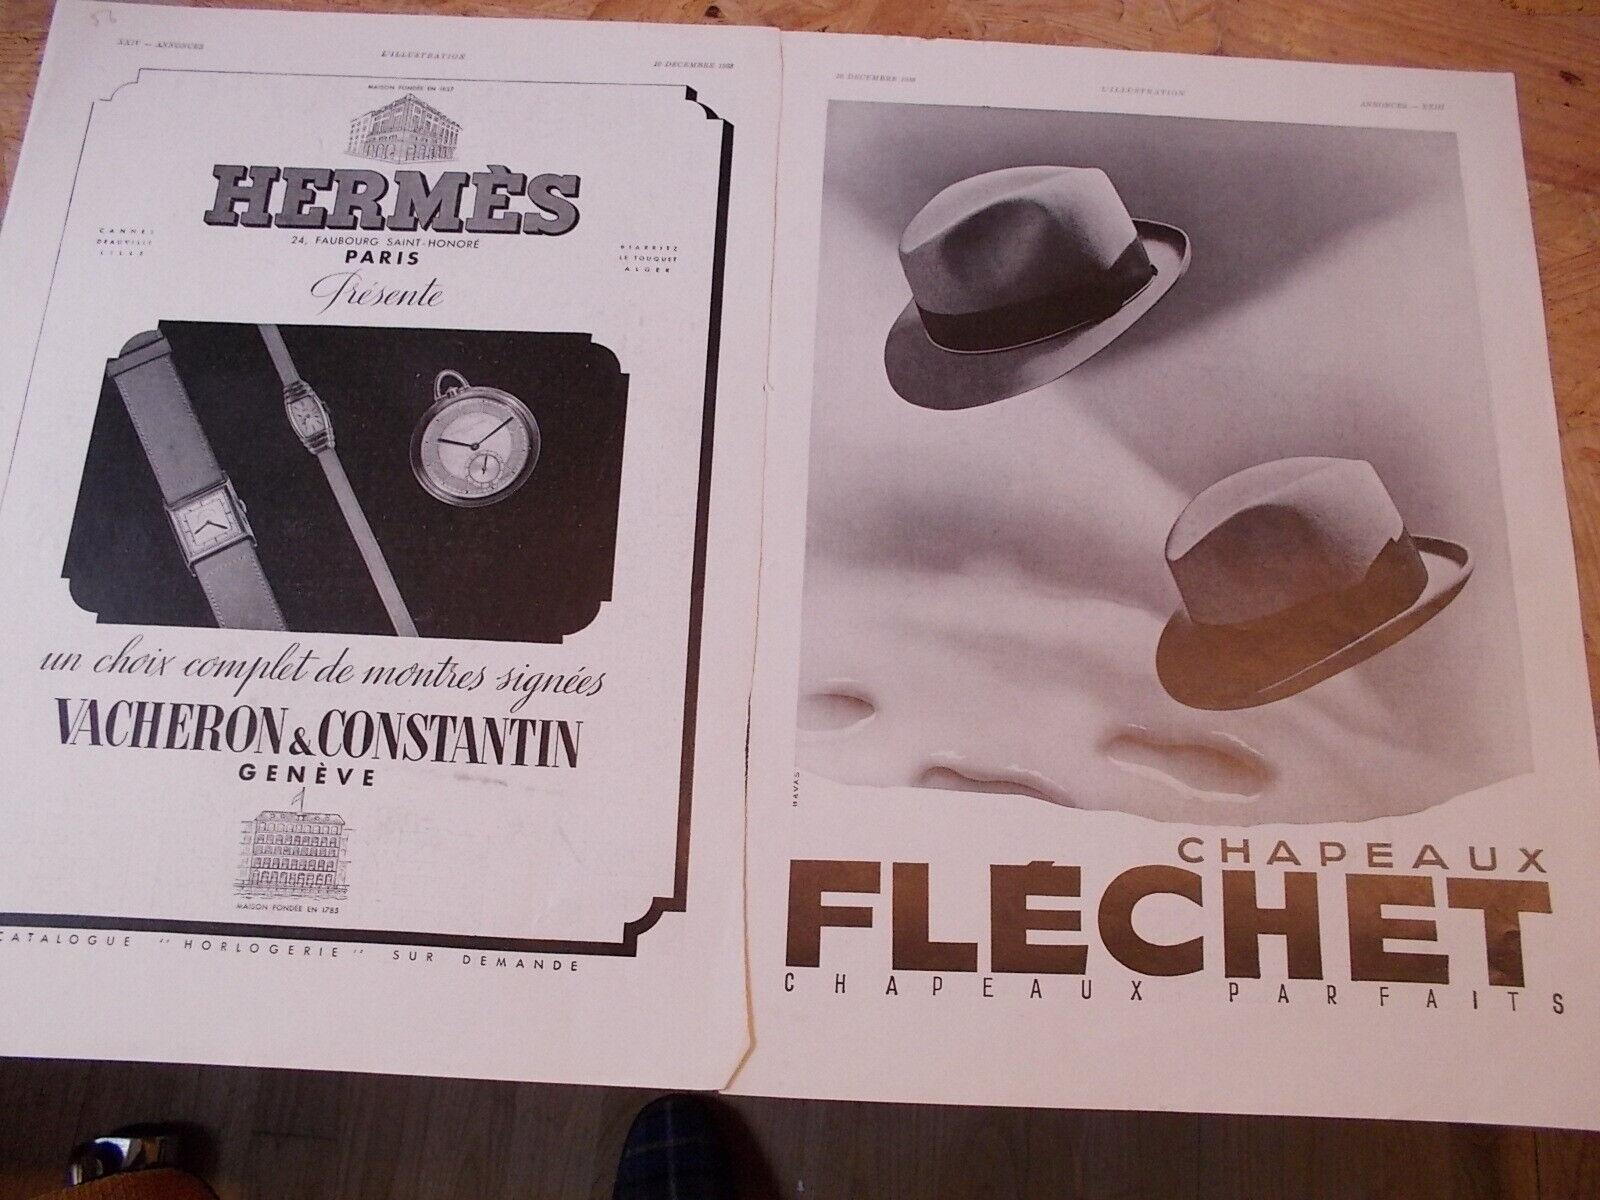 Hermes montres vacheron 56 + chapeau flechet  publicité papier illustration 1933